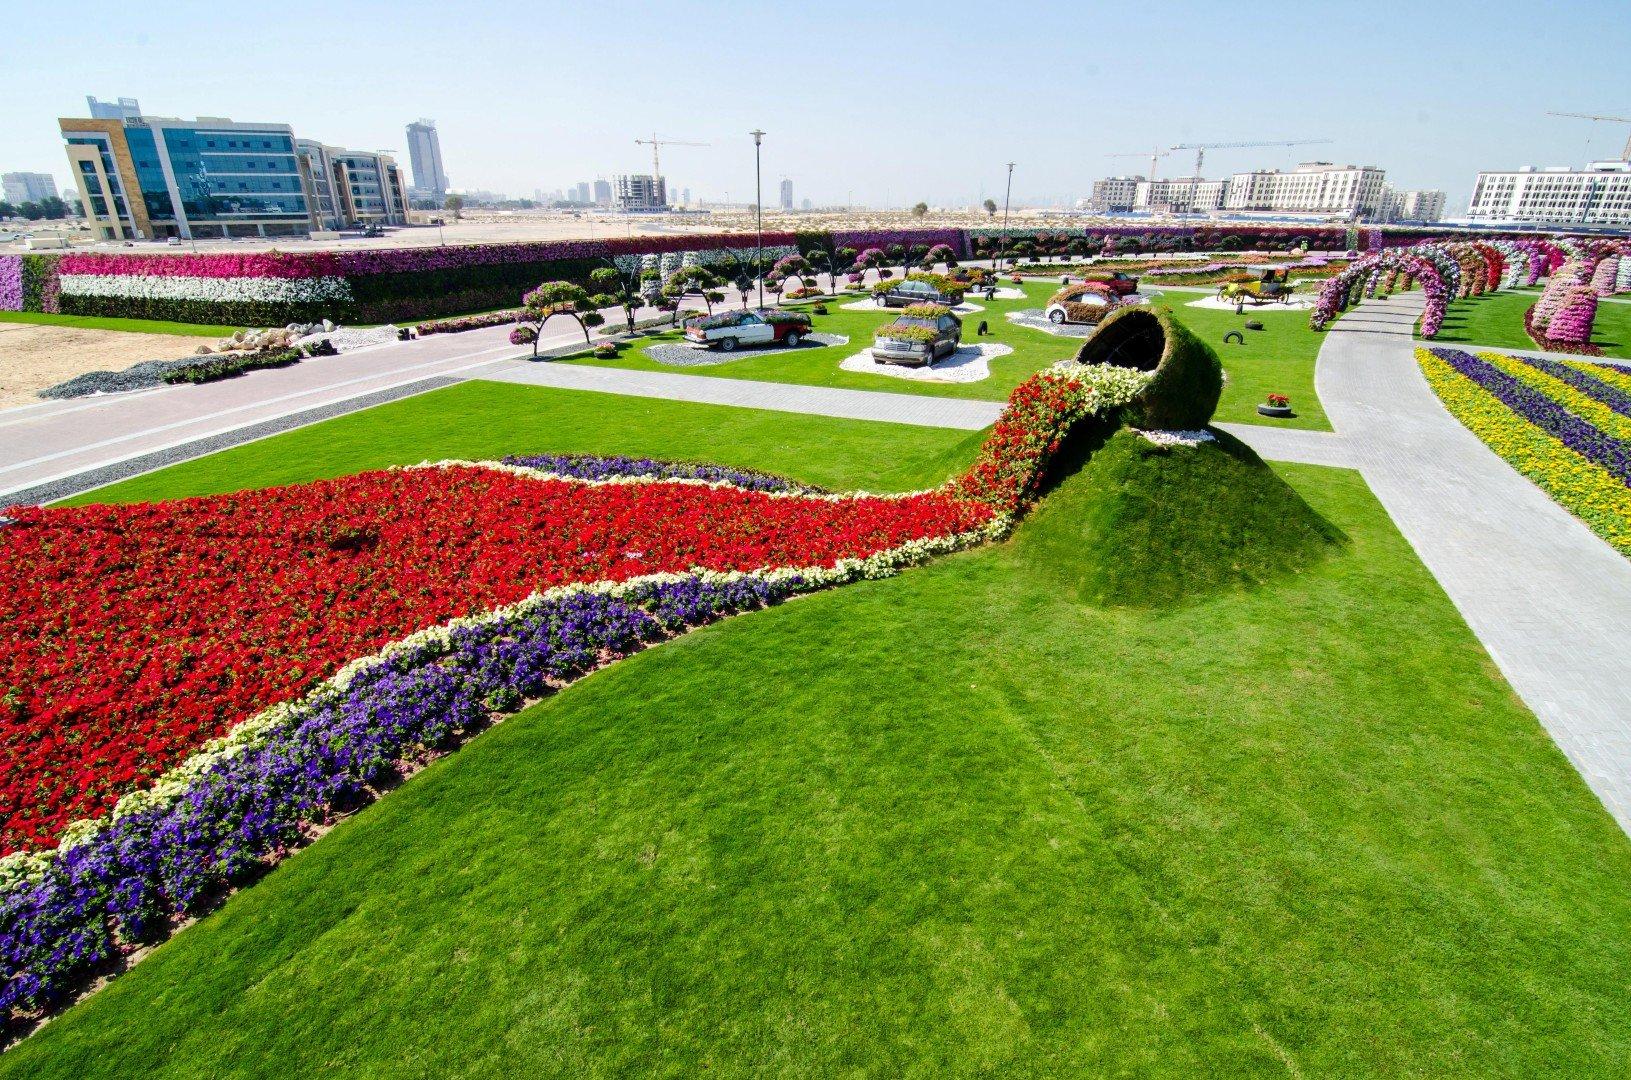 В скором времени Дубай превратится в самый «зеленый» город мира